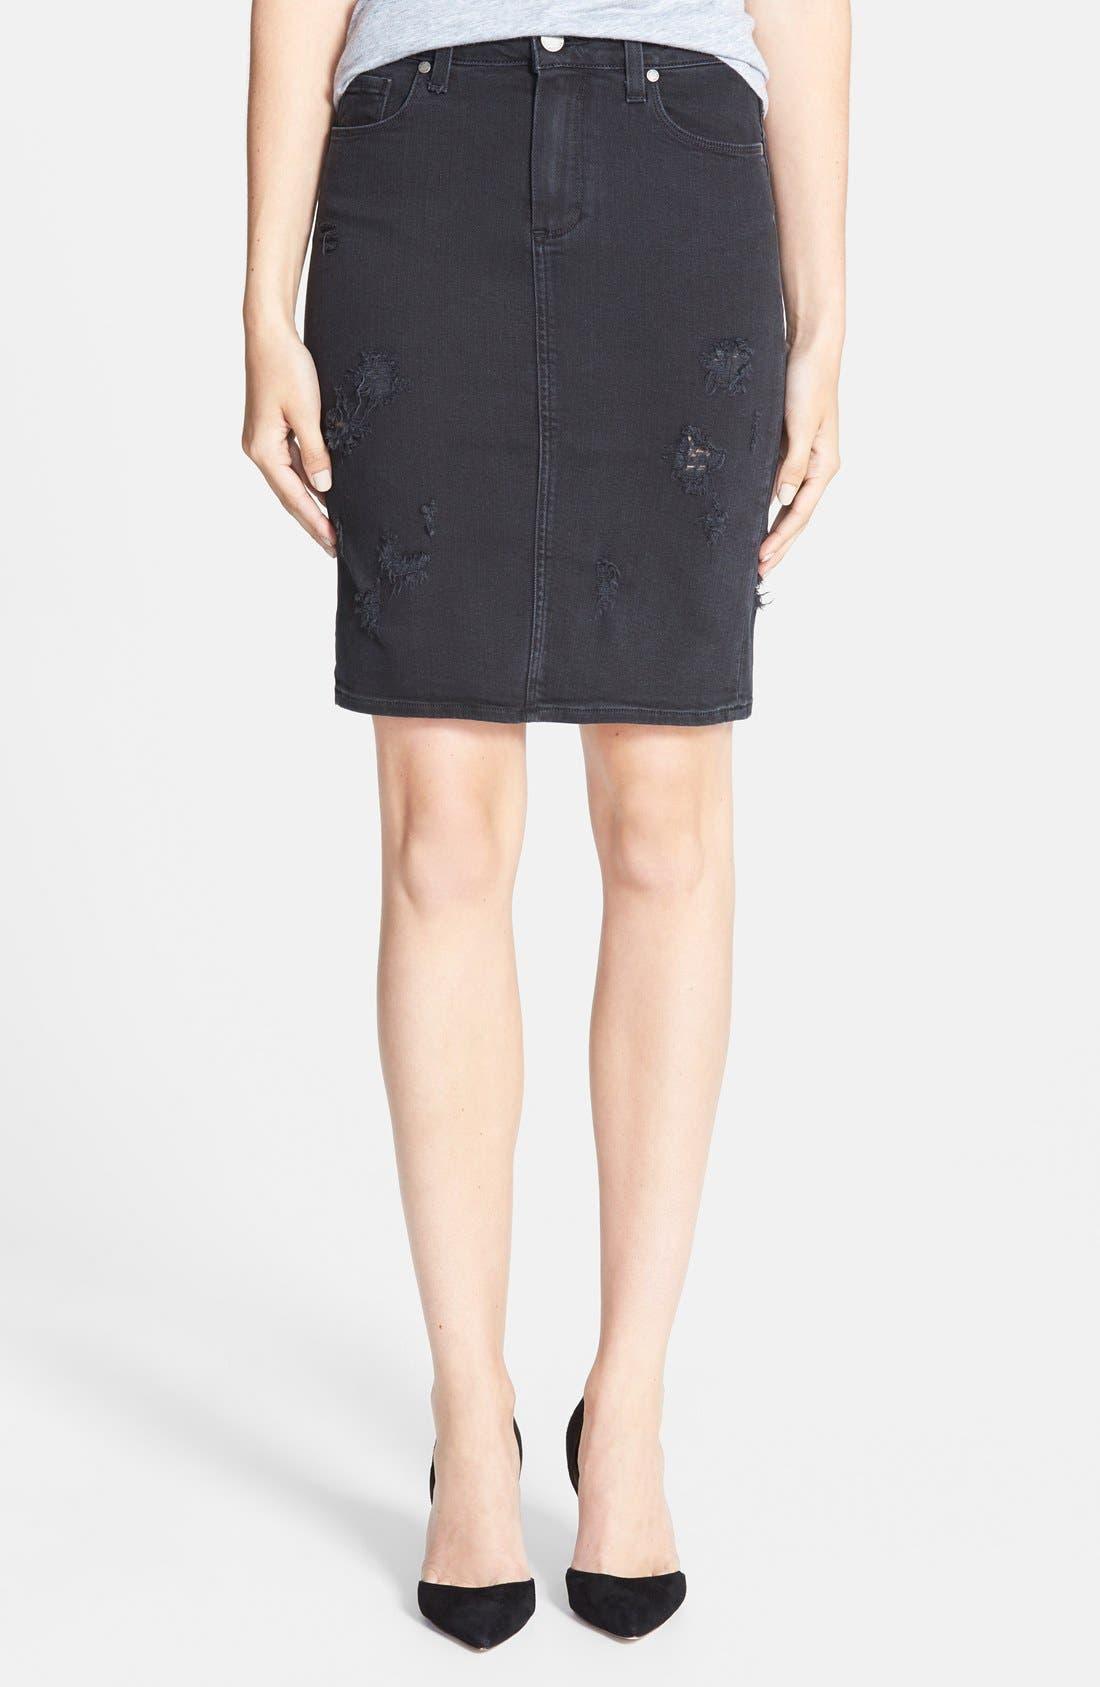 Alternate Image 1 Selected - Paige Denim 'Deirdre' Destroyed Denim Pencil Skirt (Ramone Destructed)